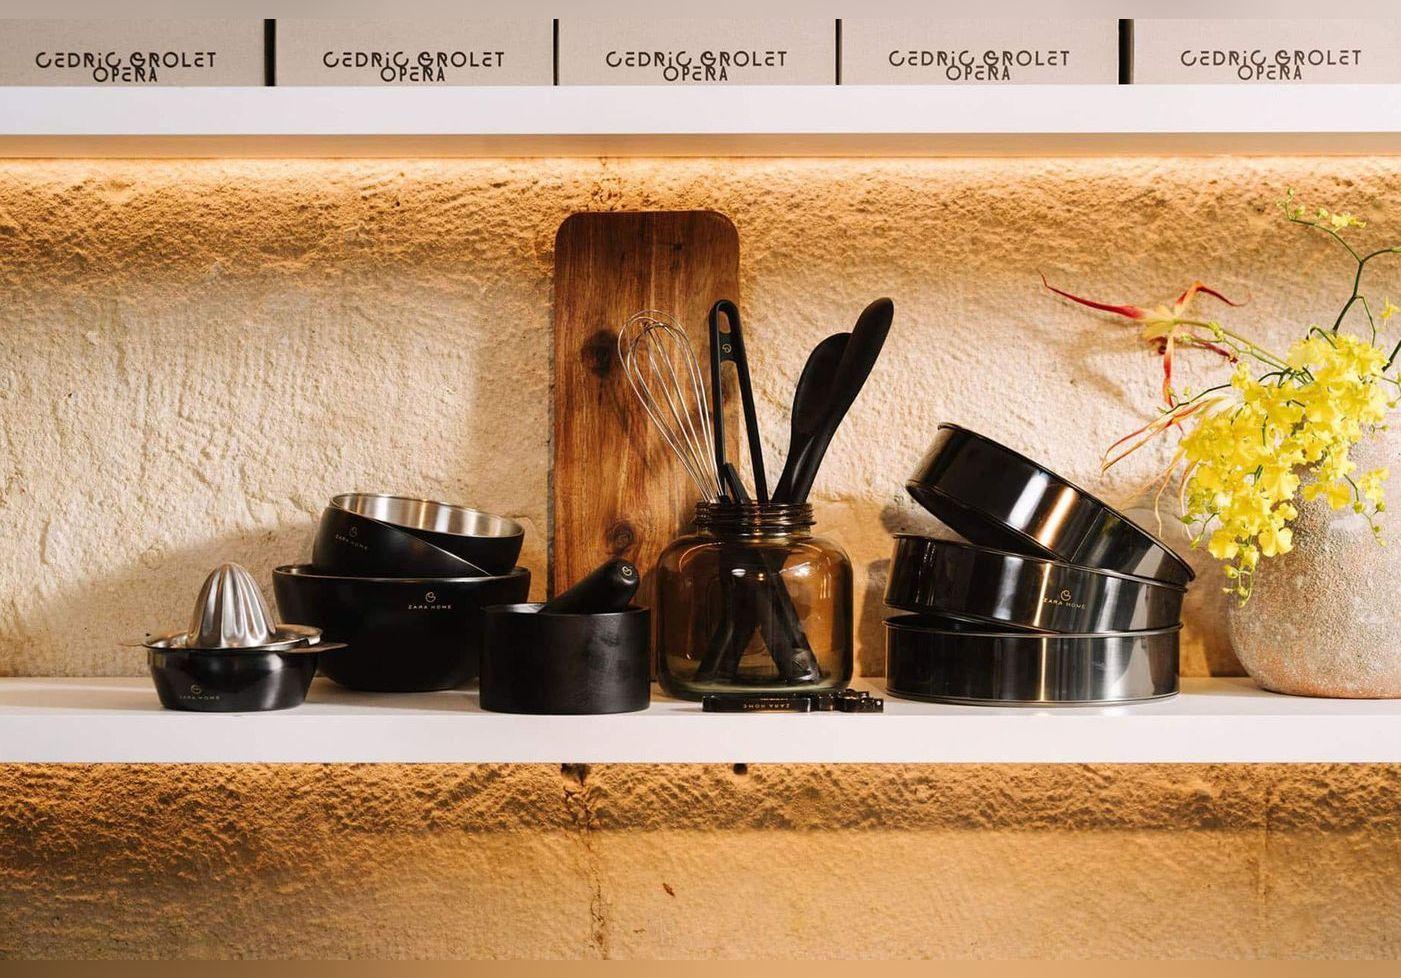 Ce grand pâtissier signe des ustensiles de cuisine à tout petit prix avec Zara Home